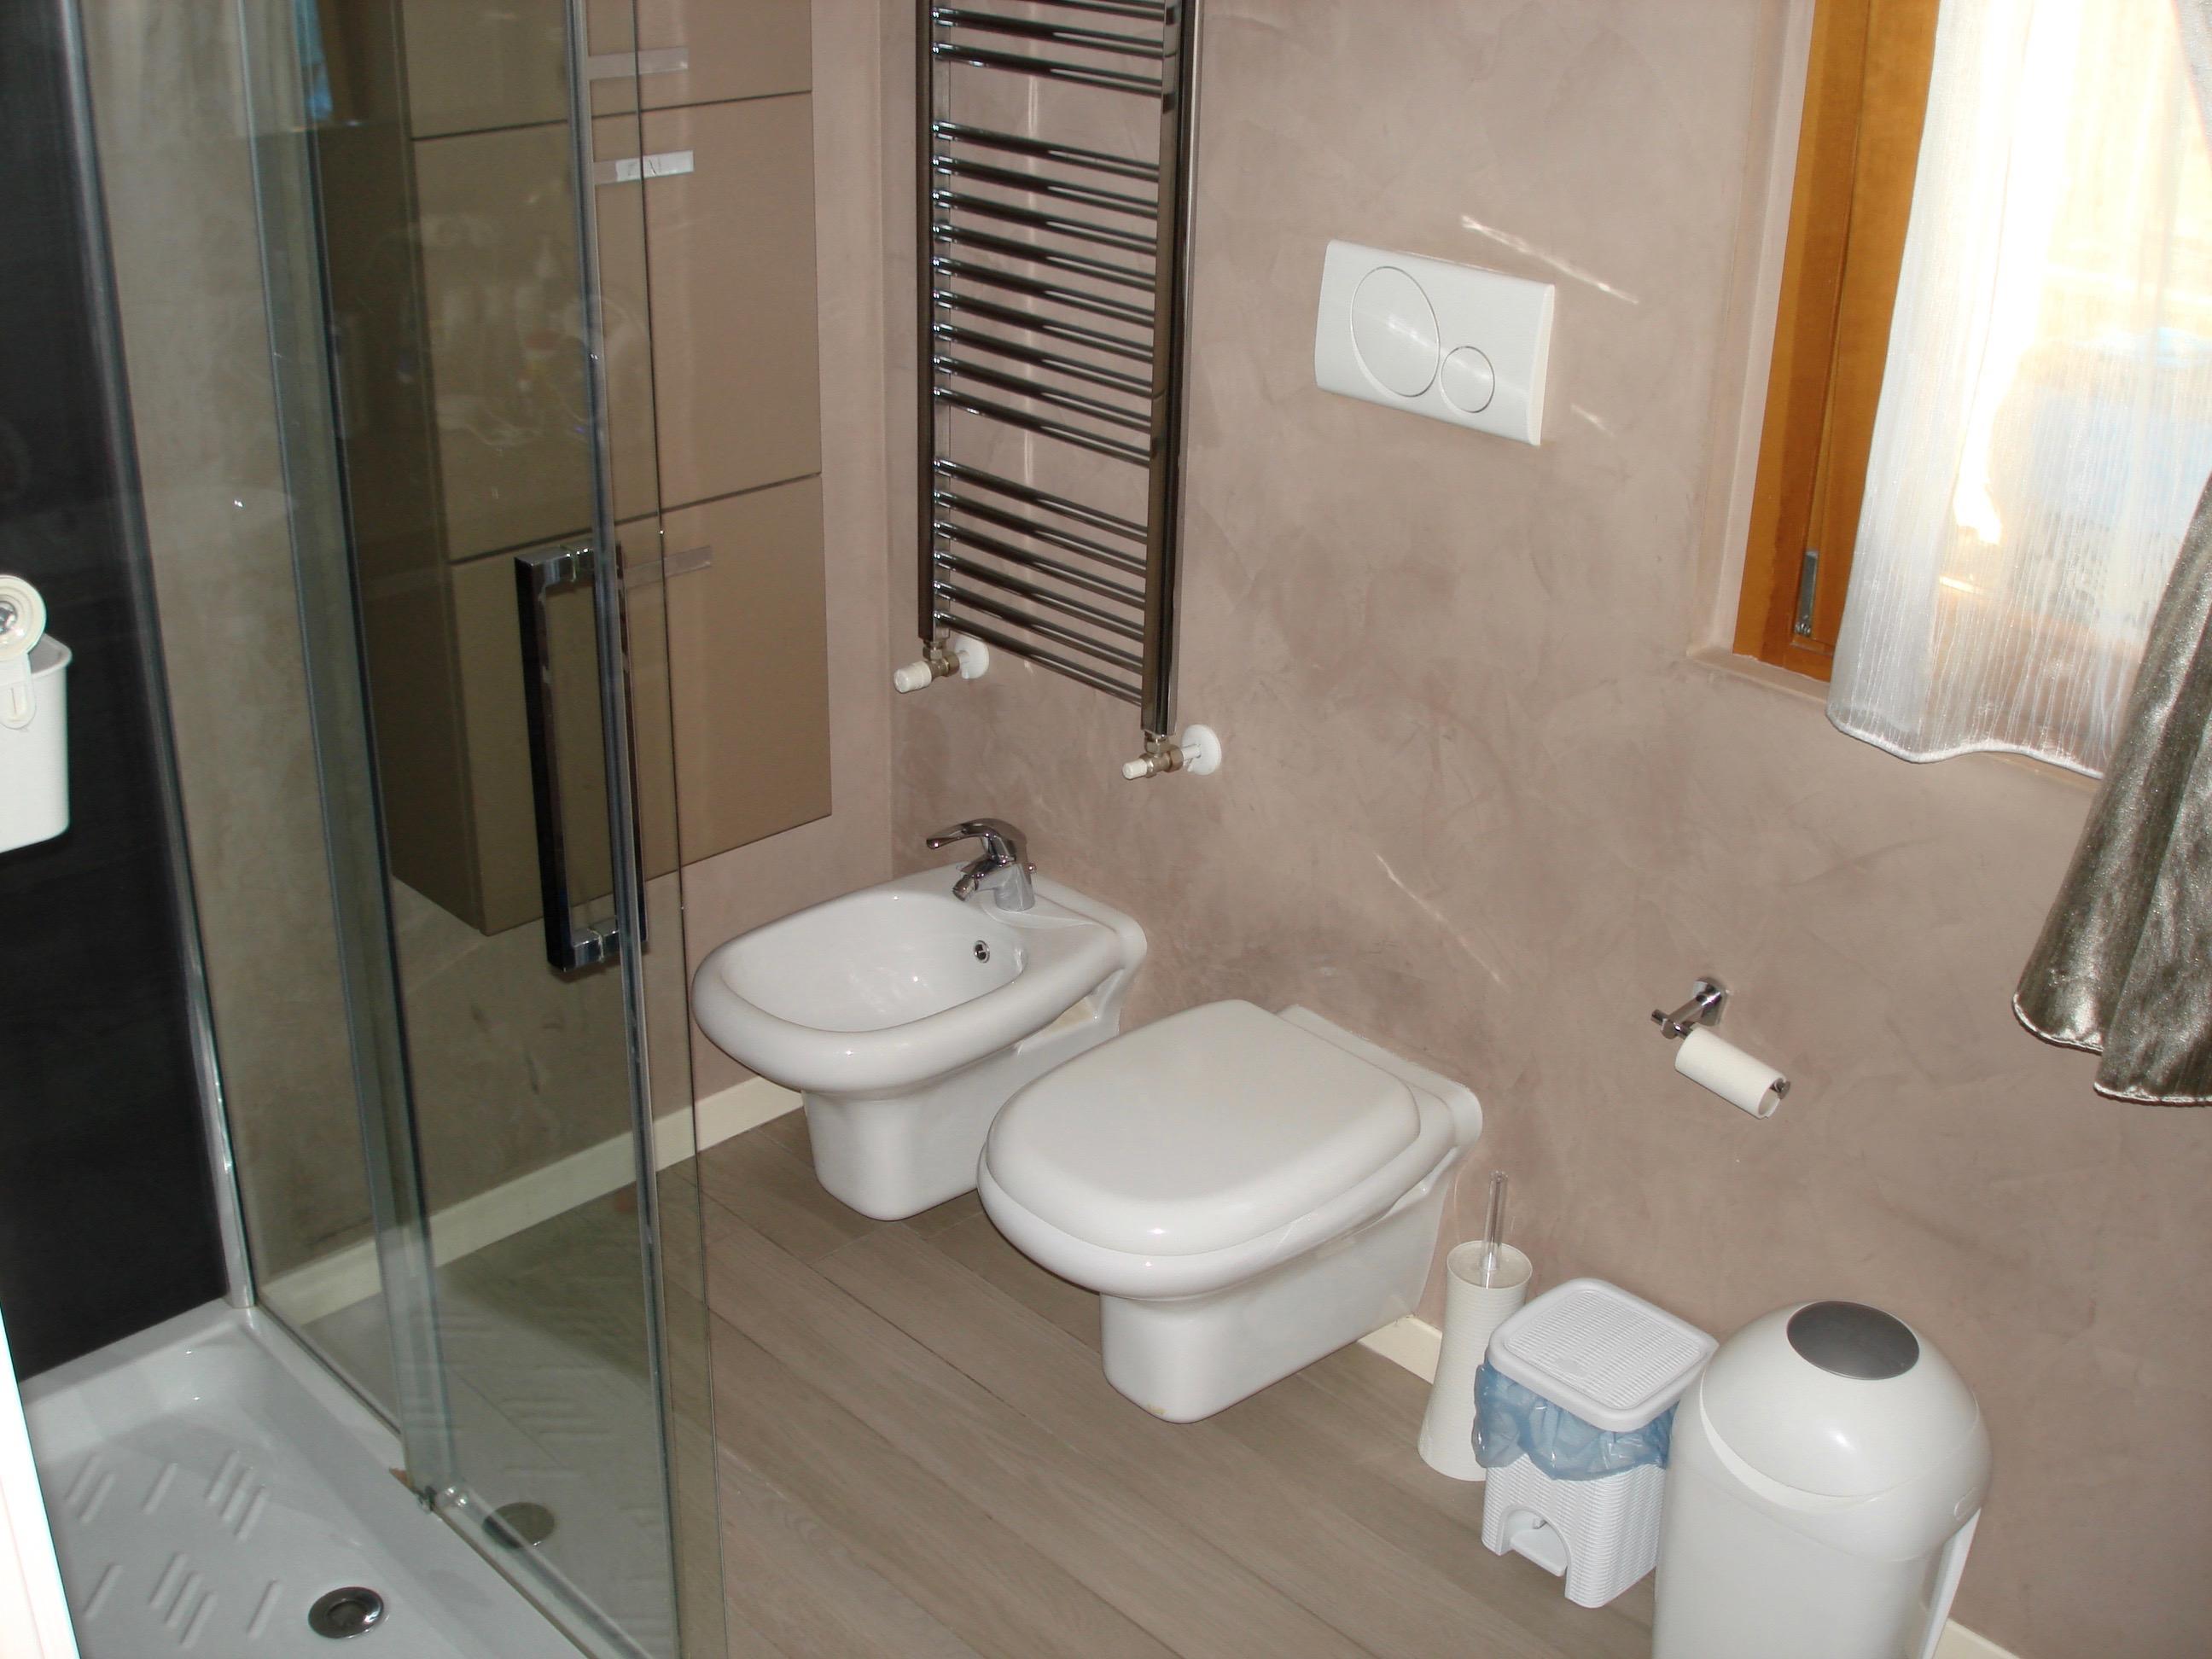 Bagno con sanitari sospesi M006 - A+immobiliare Agenzia immobiliare ...